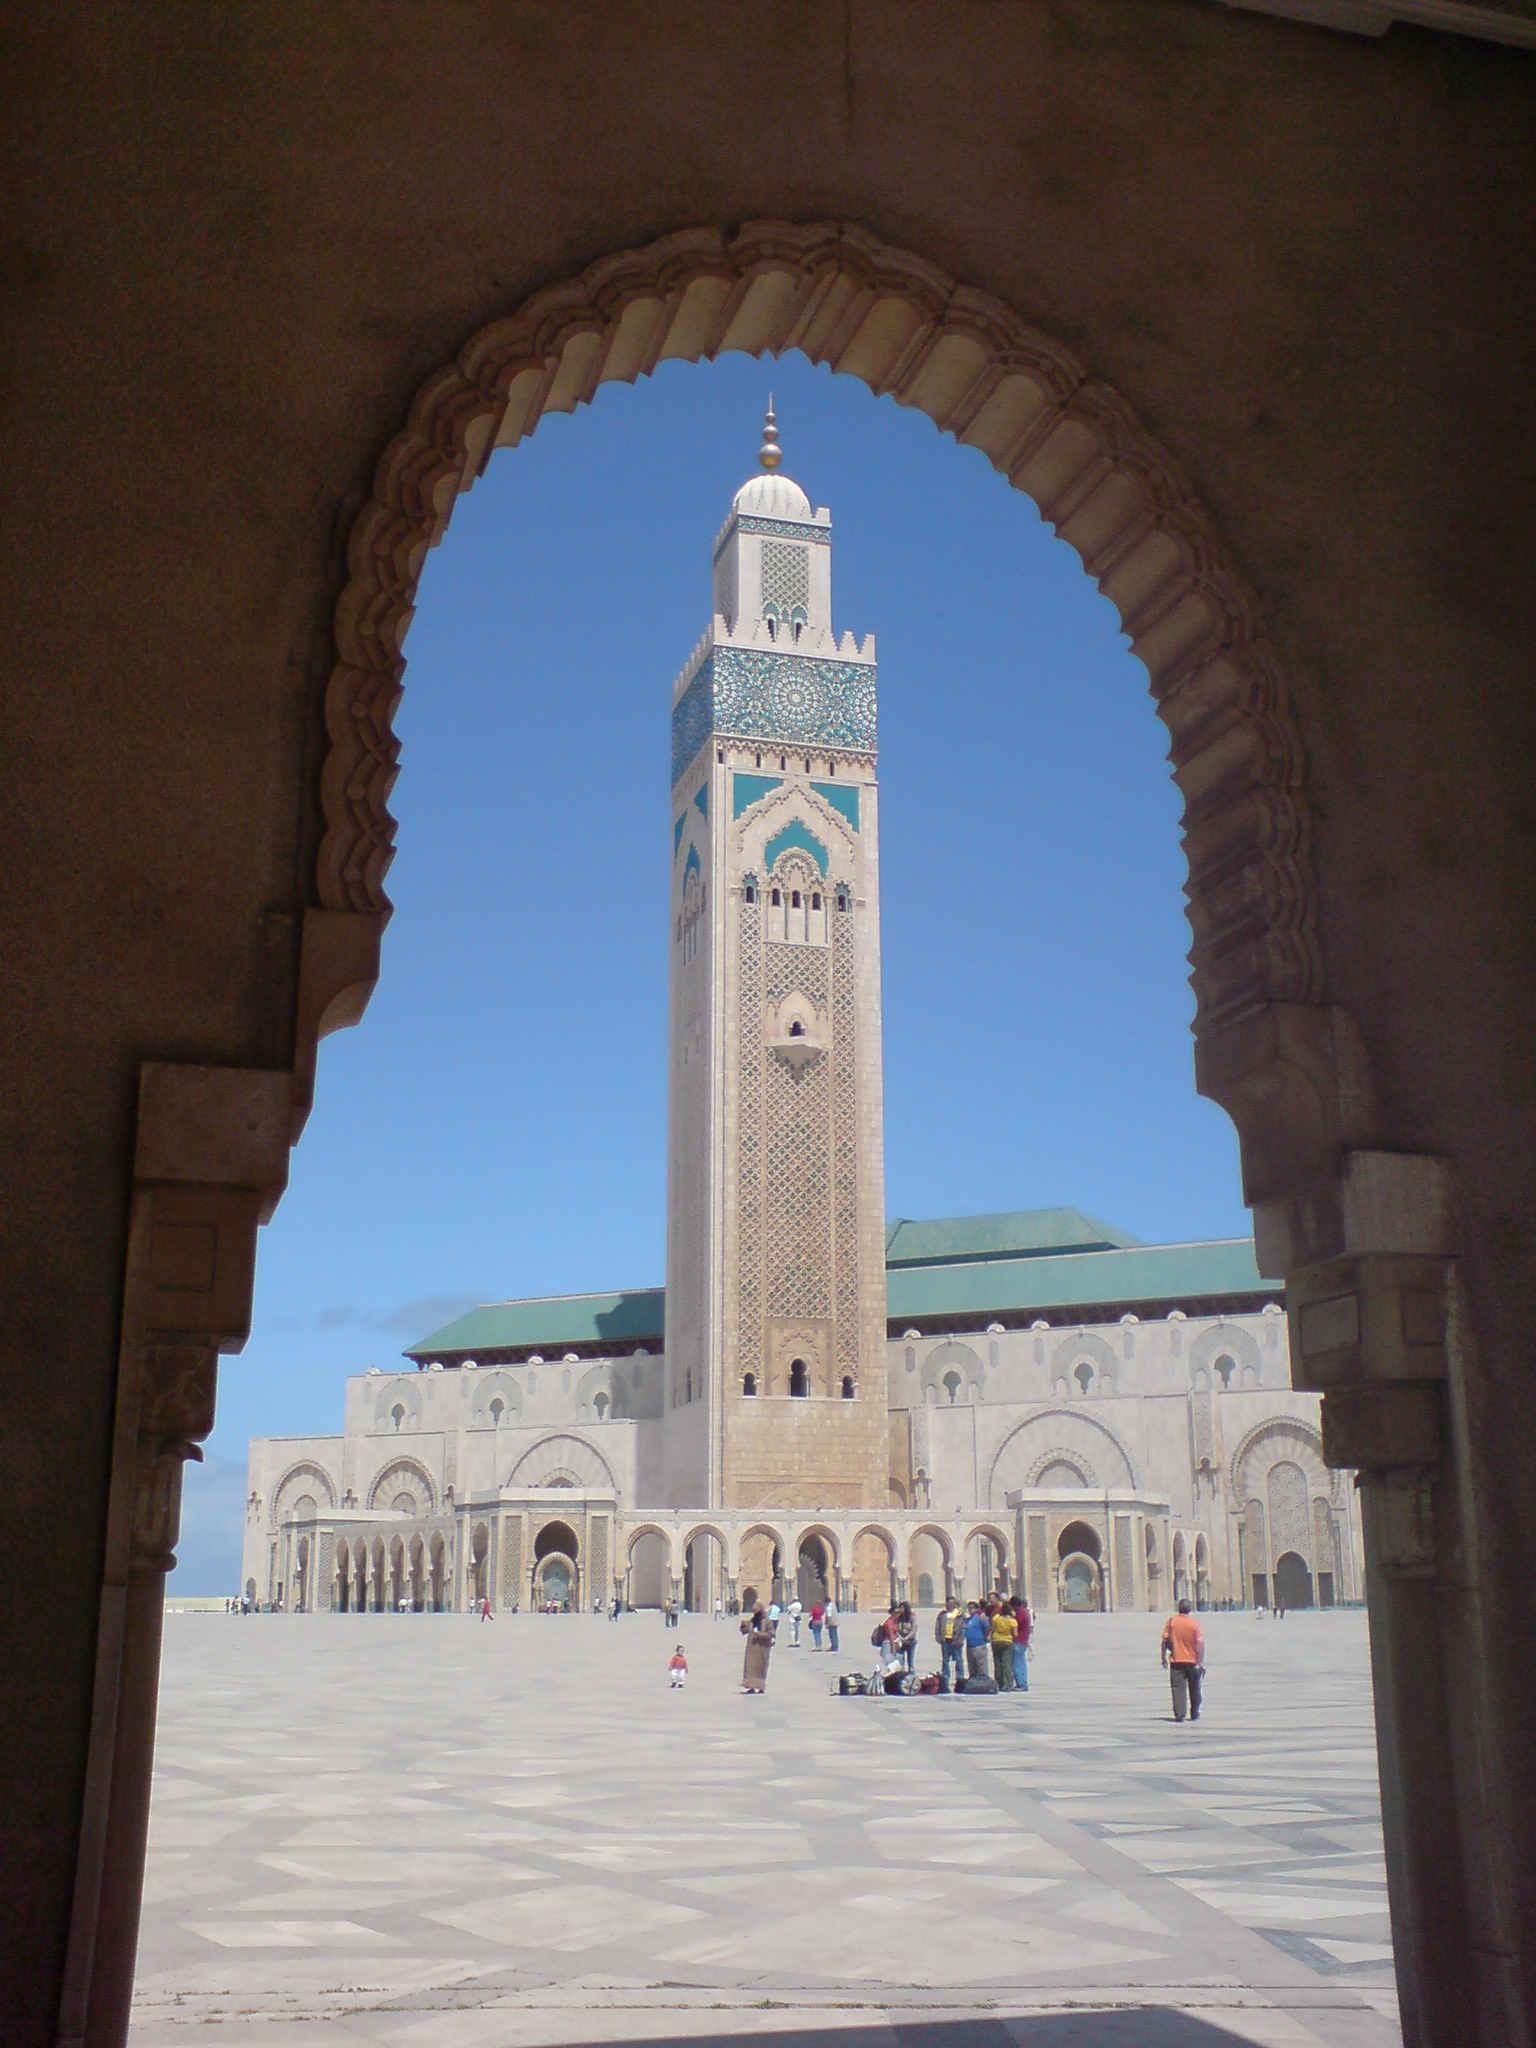 Beautiful hassan ii mosque in casablanca morocco picture - Marocco casablanca ...